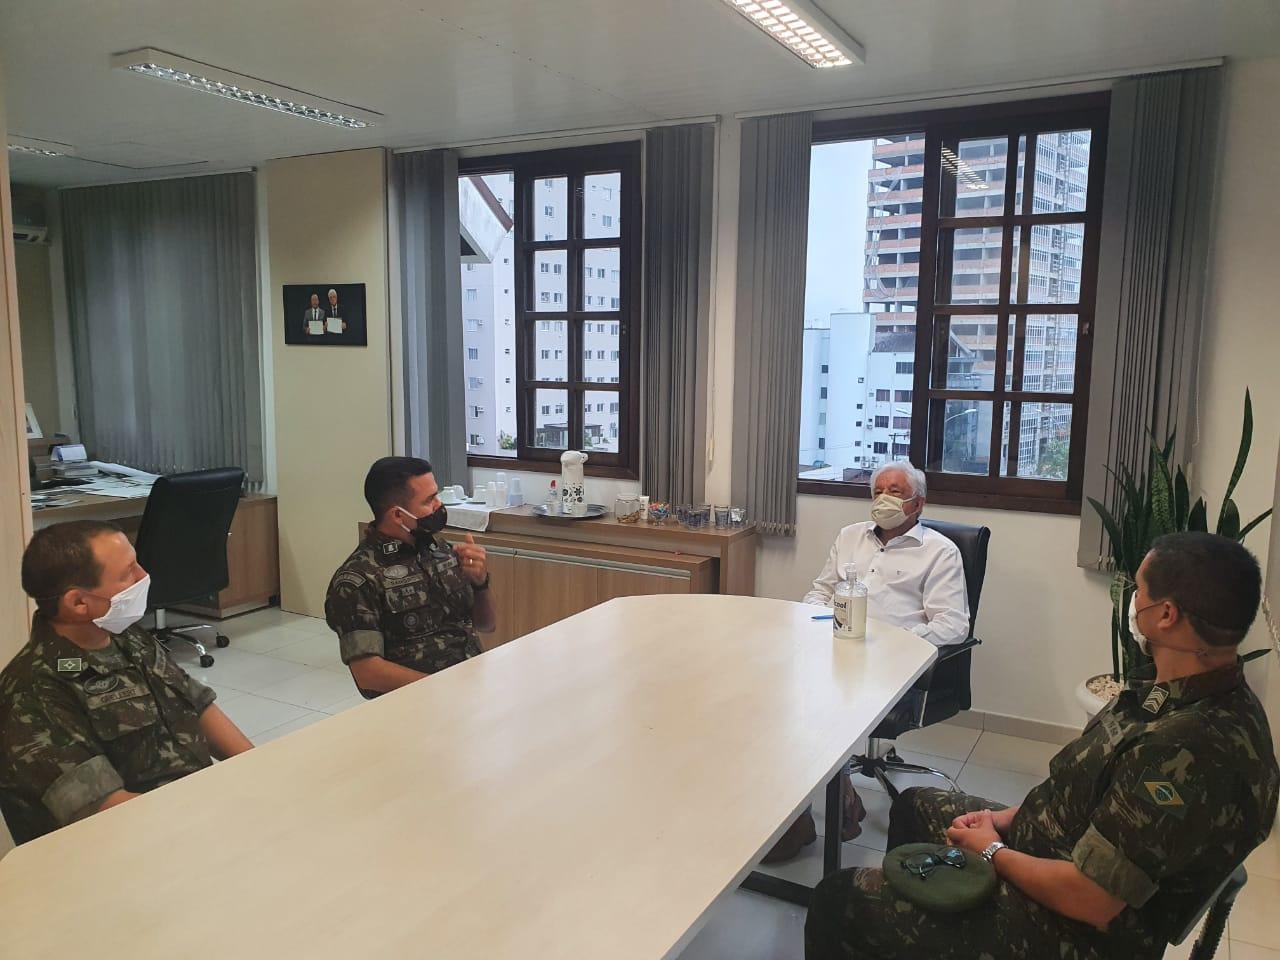 Prefeito de Brusque recebe visita de subtenente adjunto de comando da 5ª região militar de Curitiba